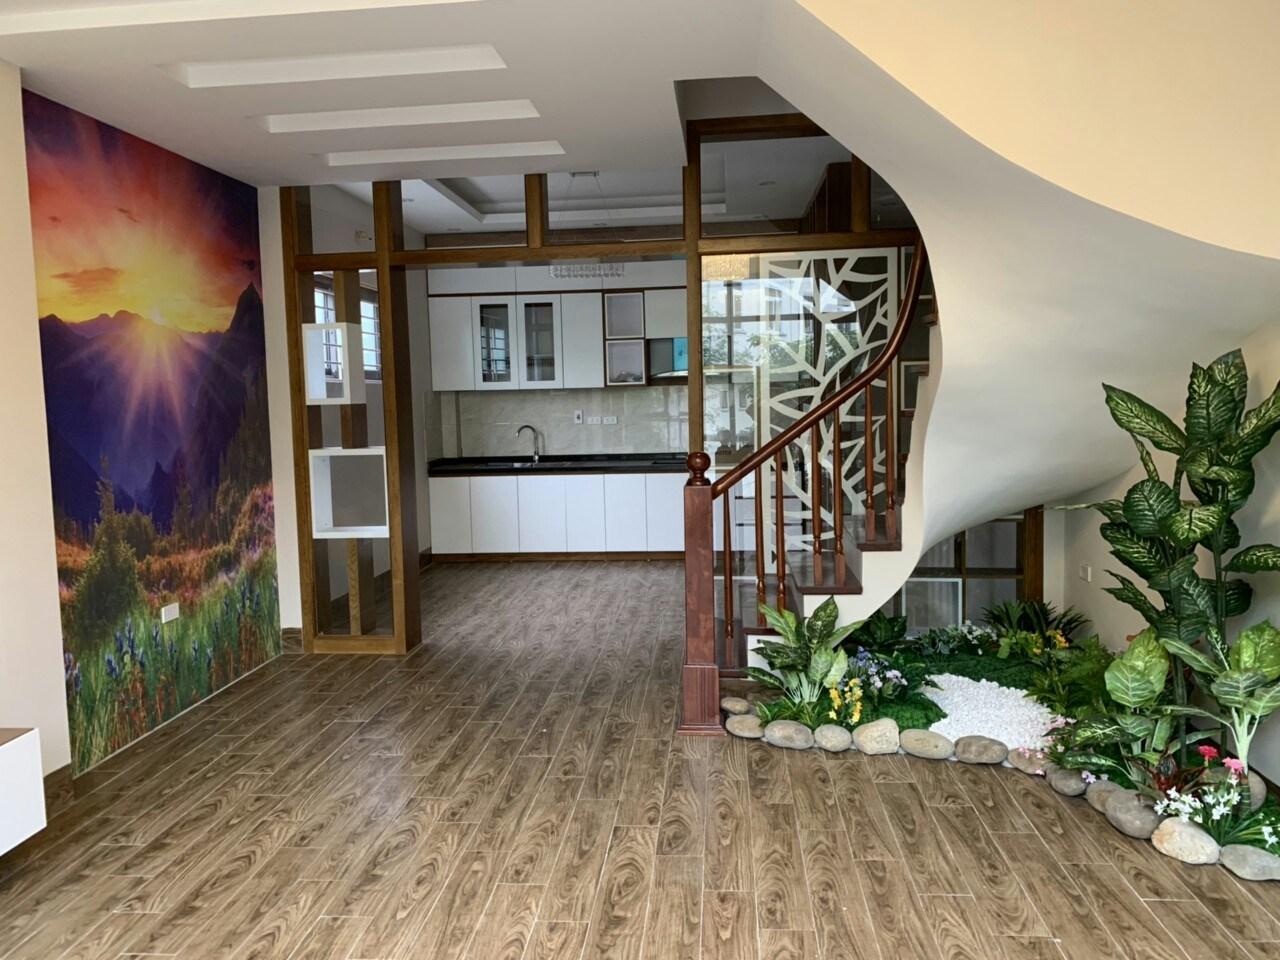 Bán nhà mặt phố Nguyễn Ngọc Nại, Q.Thanh Xuân, 47m2x6T, MT 4.5m, 11.9 tỷ.